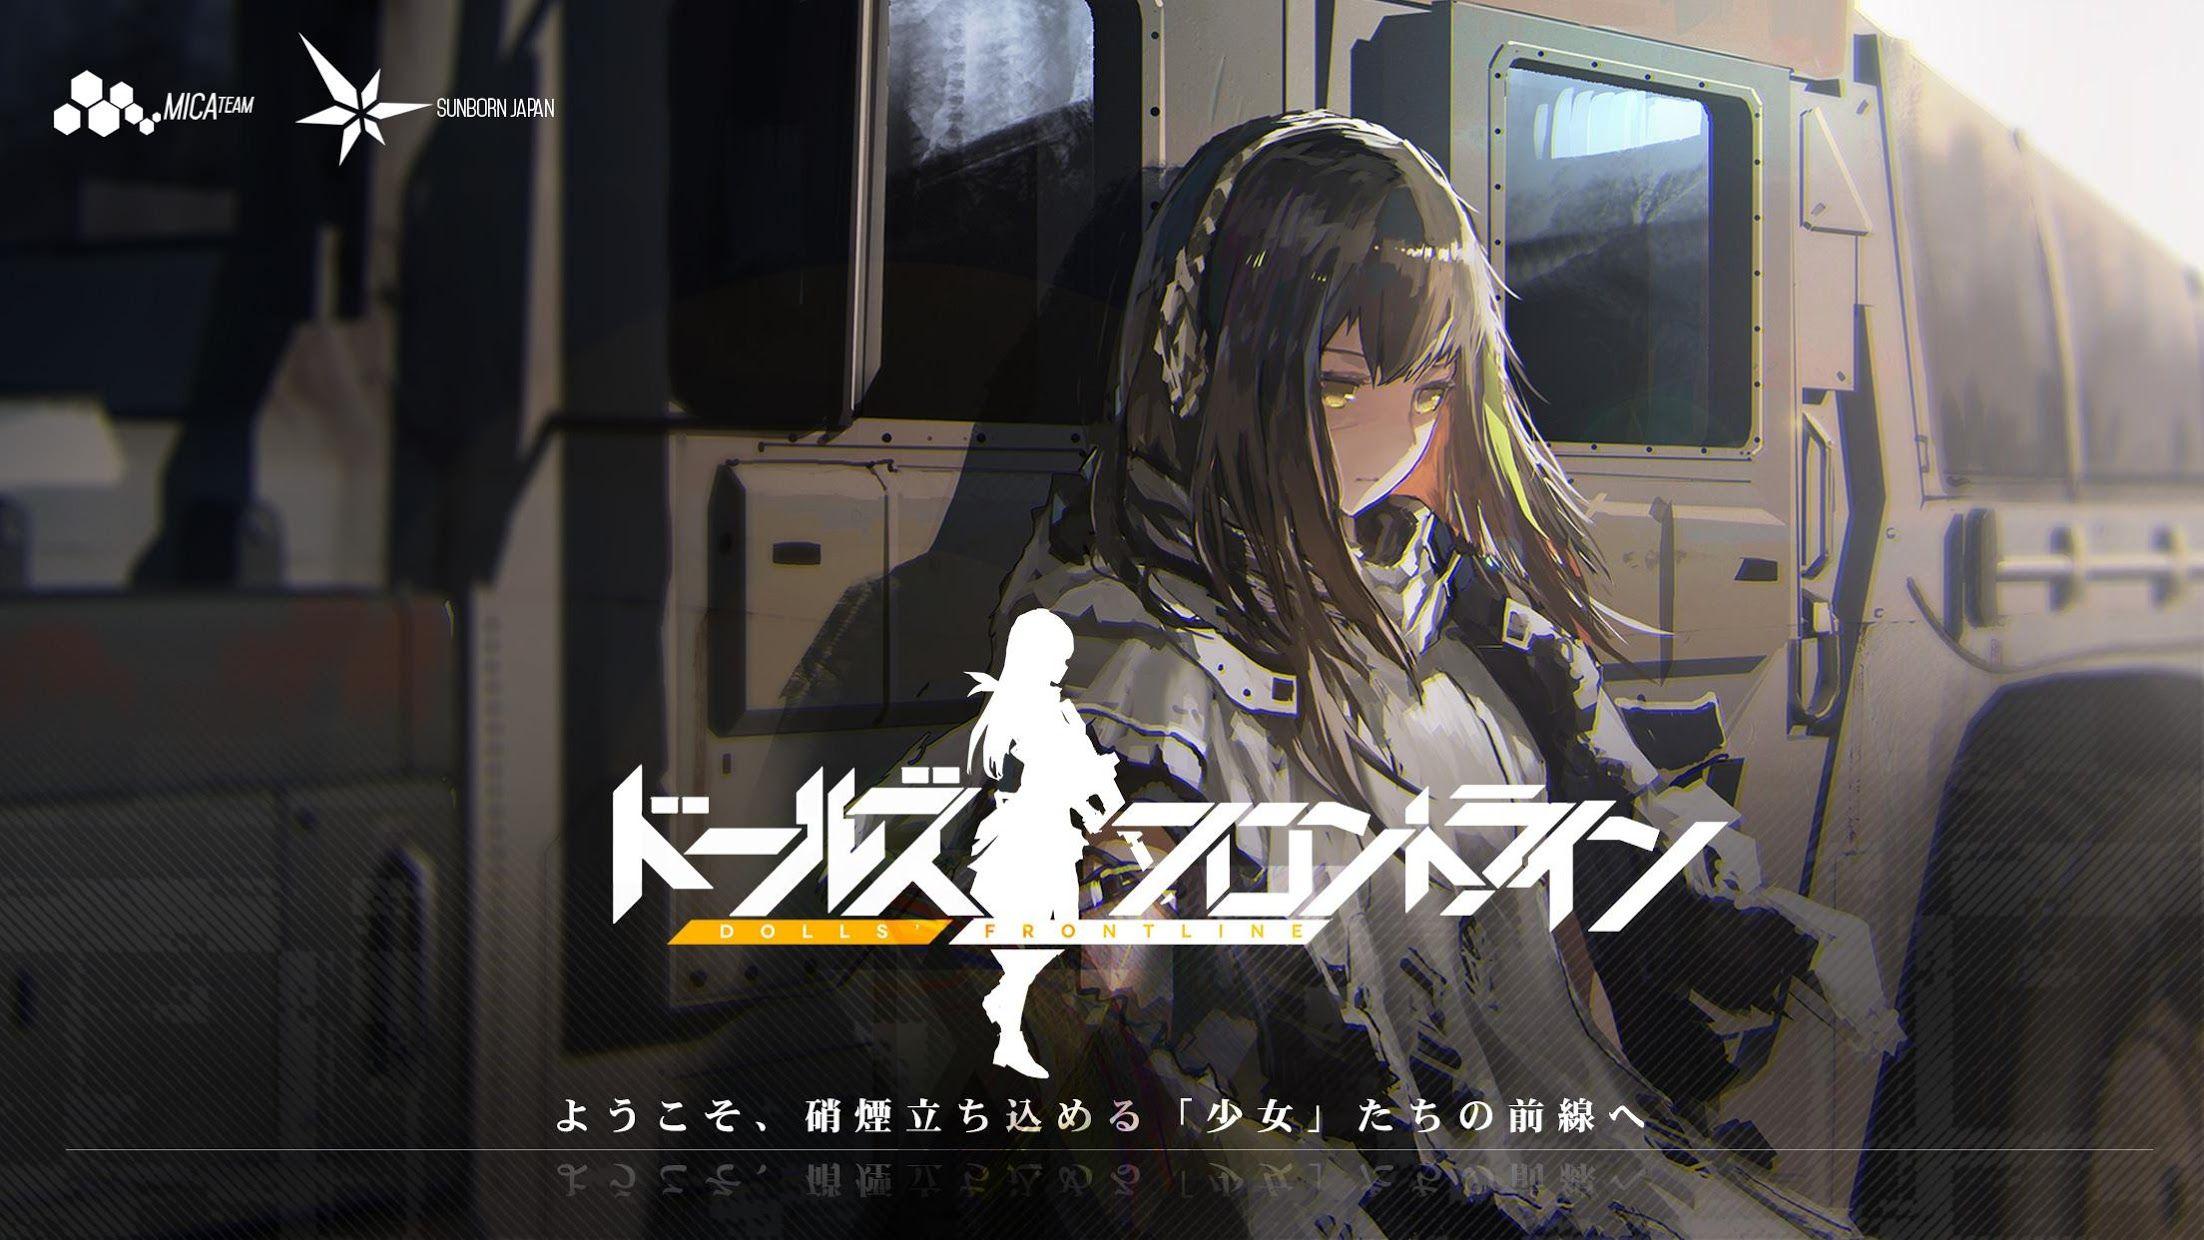 少女前线(日服) 游戏截图1